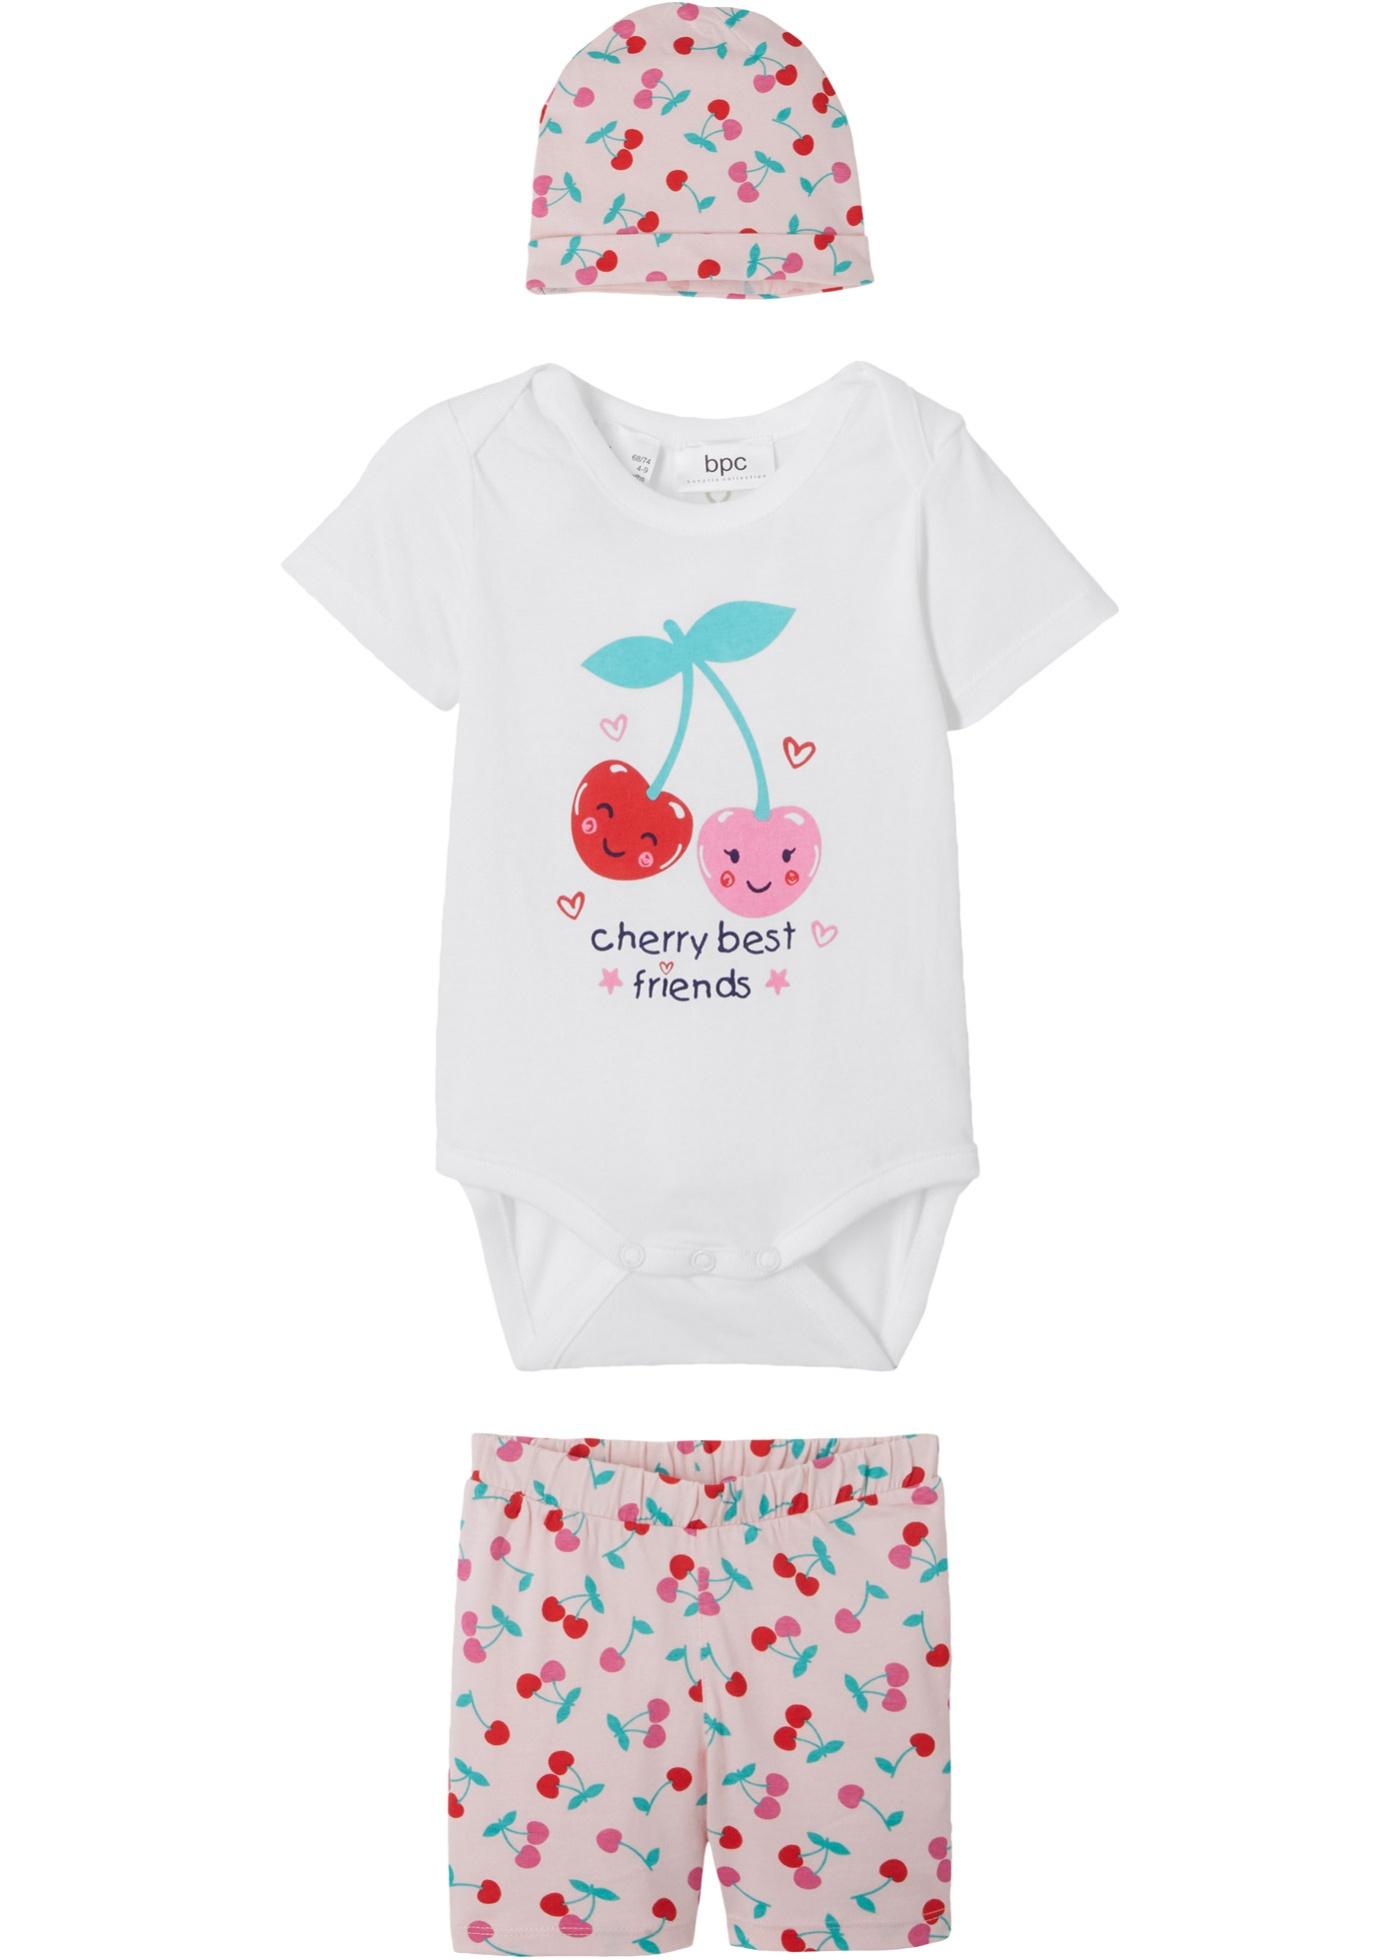 Body bébé + short + bonnet (Ens. 3 pces.) coton bio